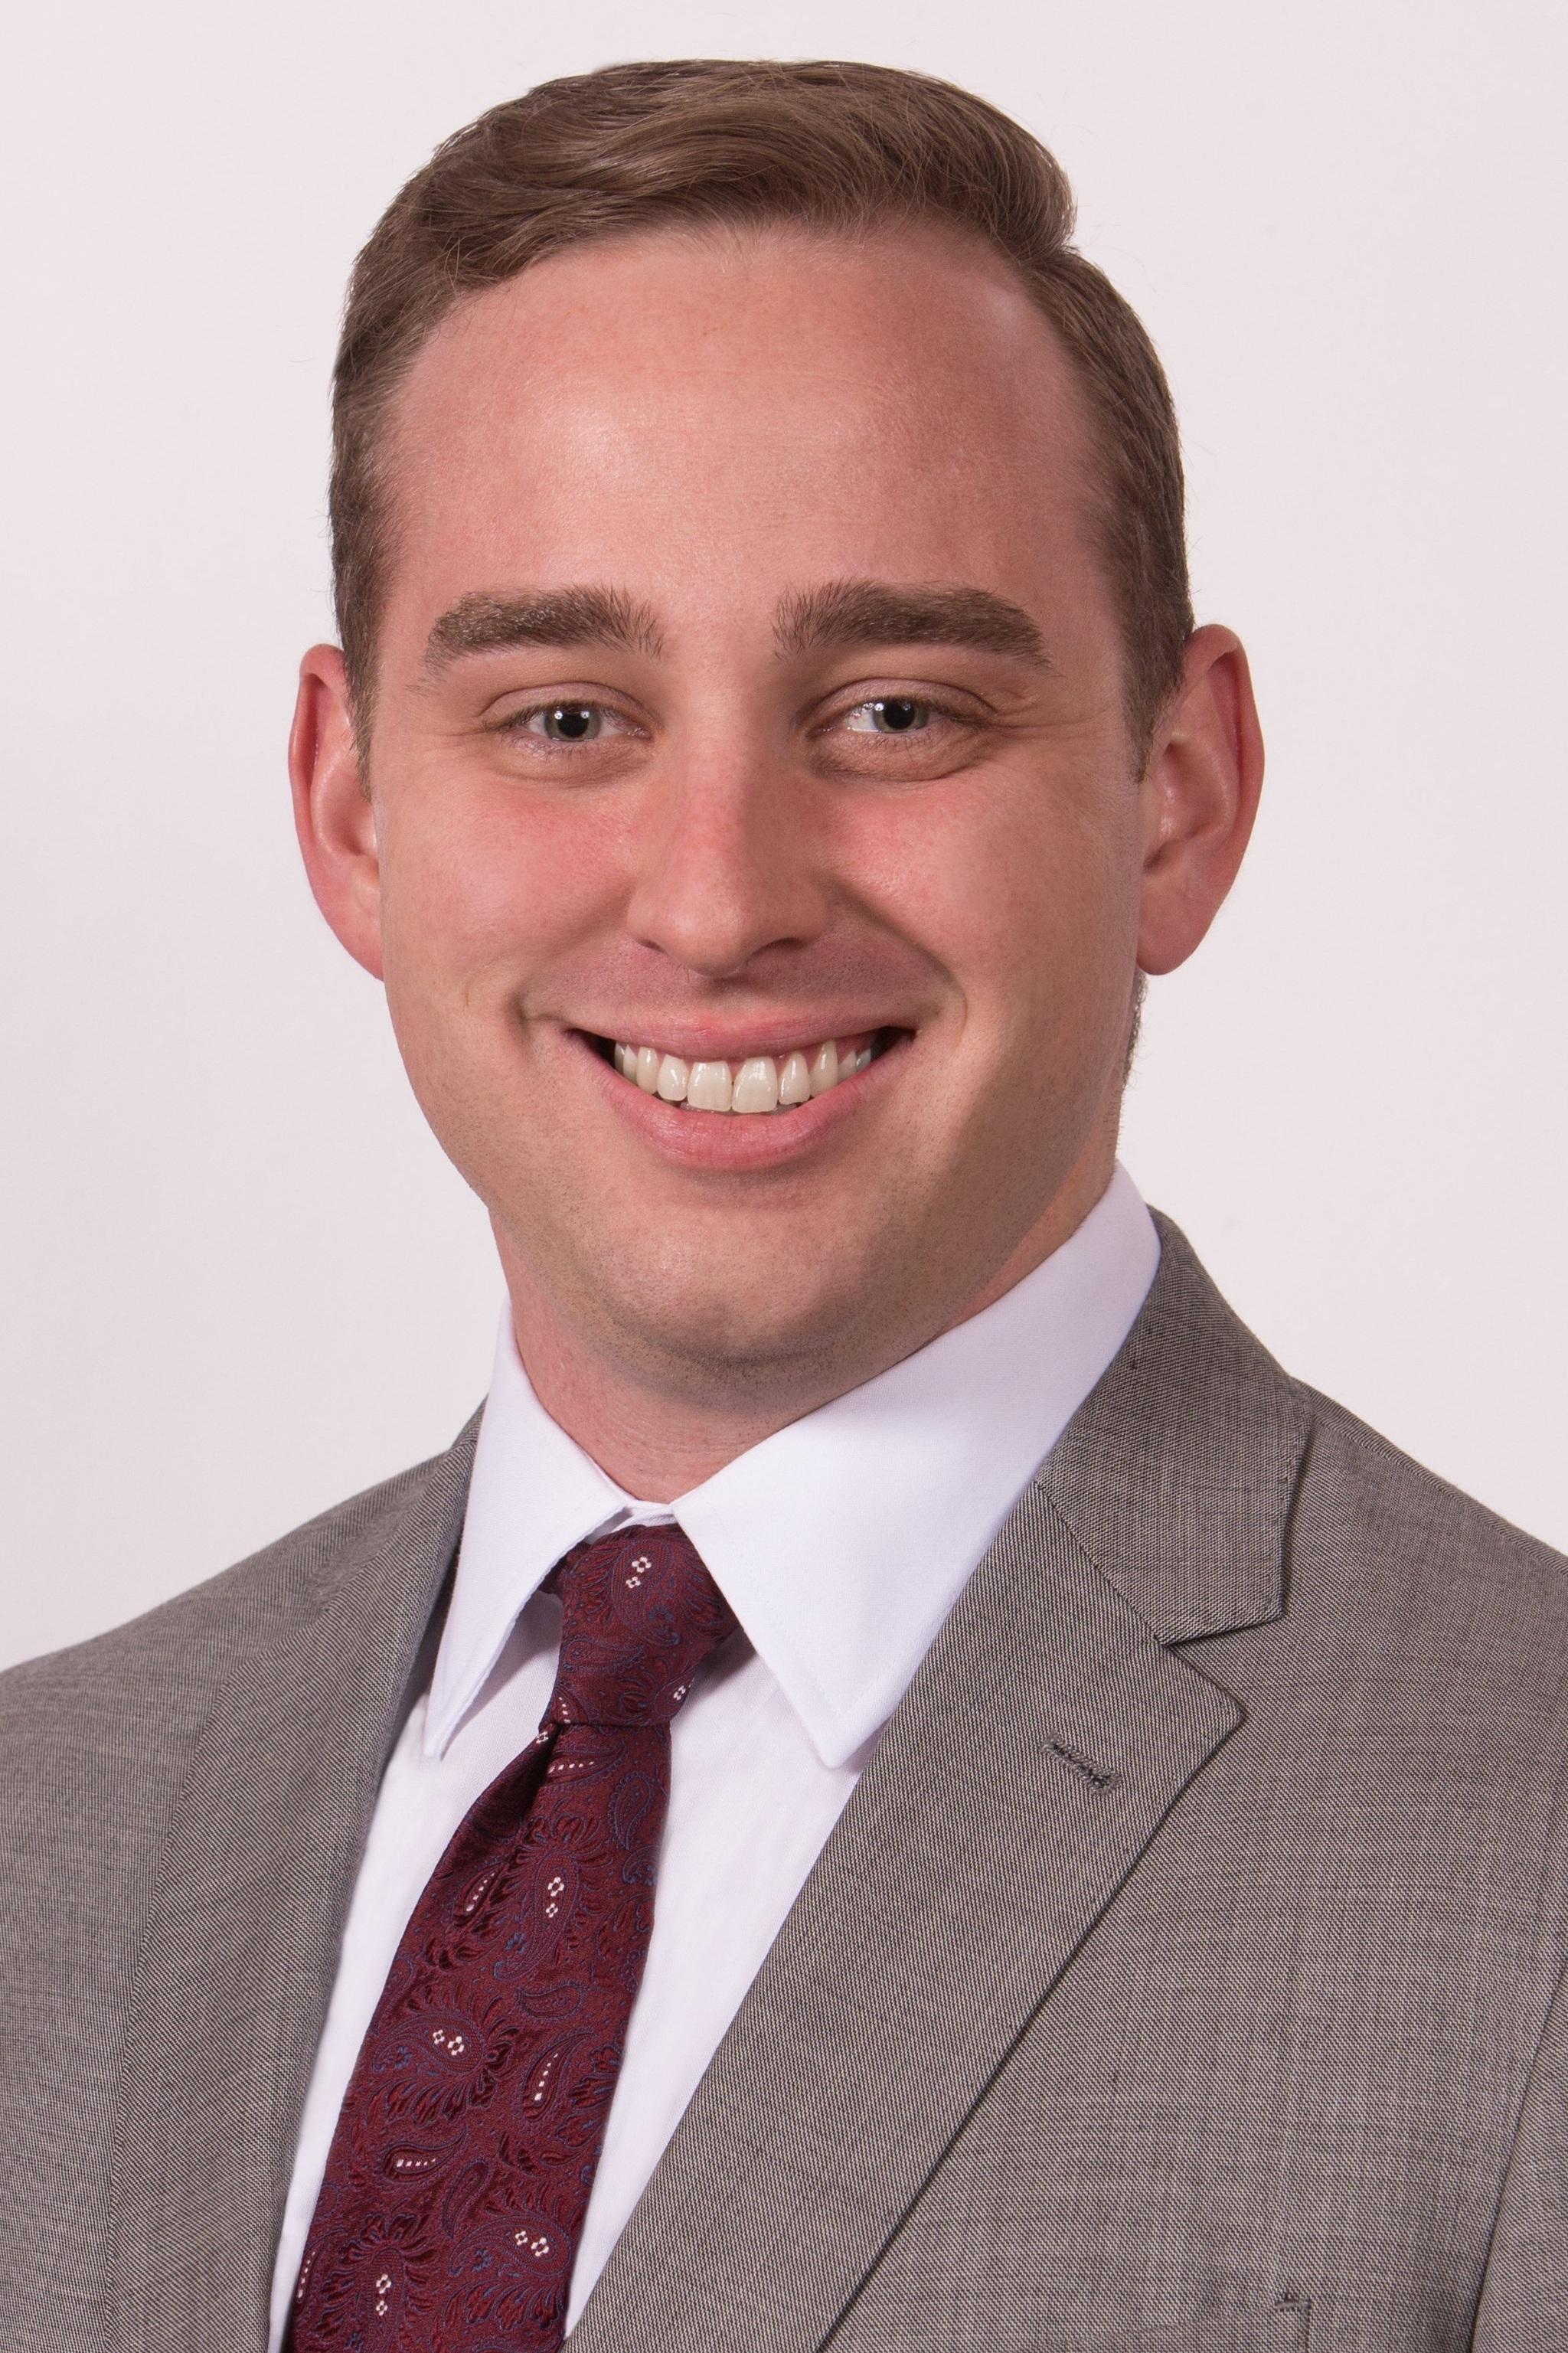 Joe Pollard, CFA